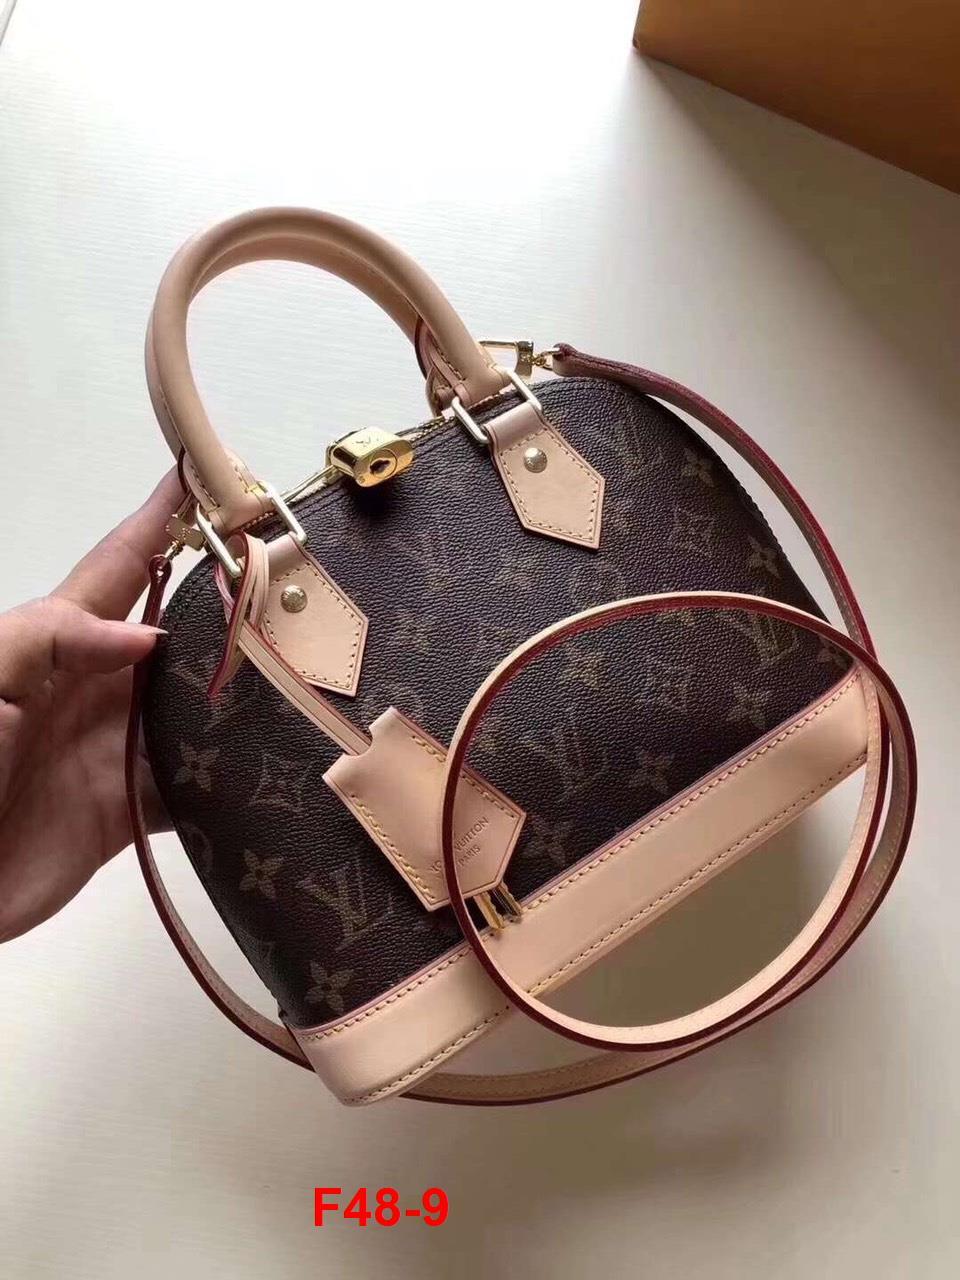 F48-9 Louis Vuitton túi size 25cm siêu cấp